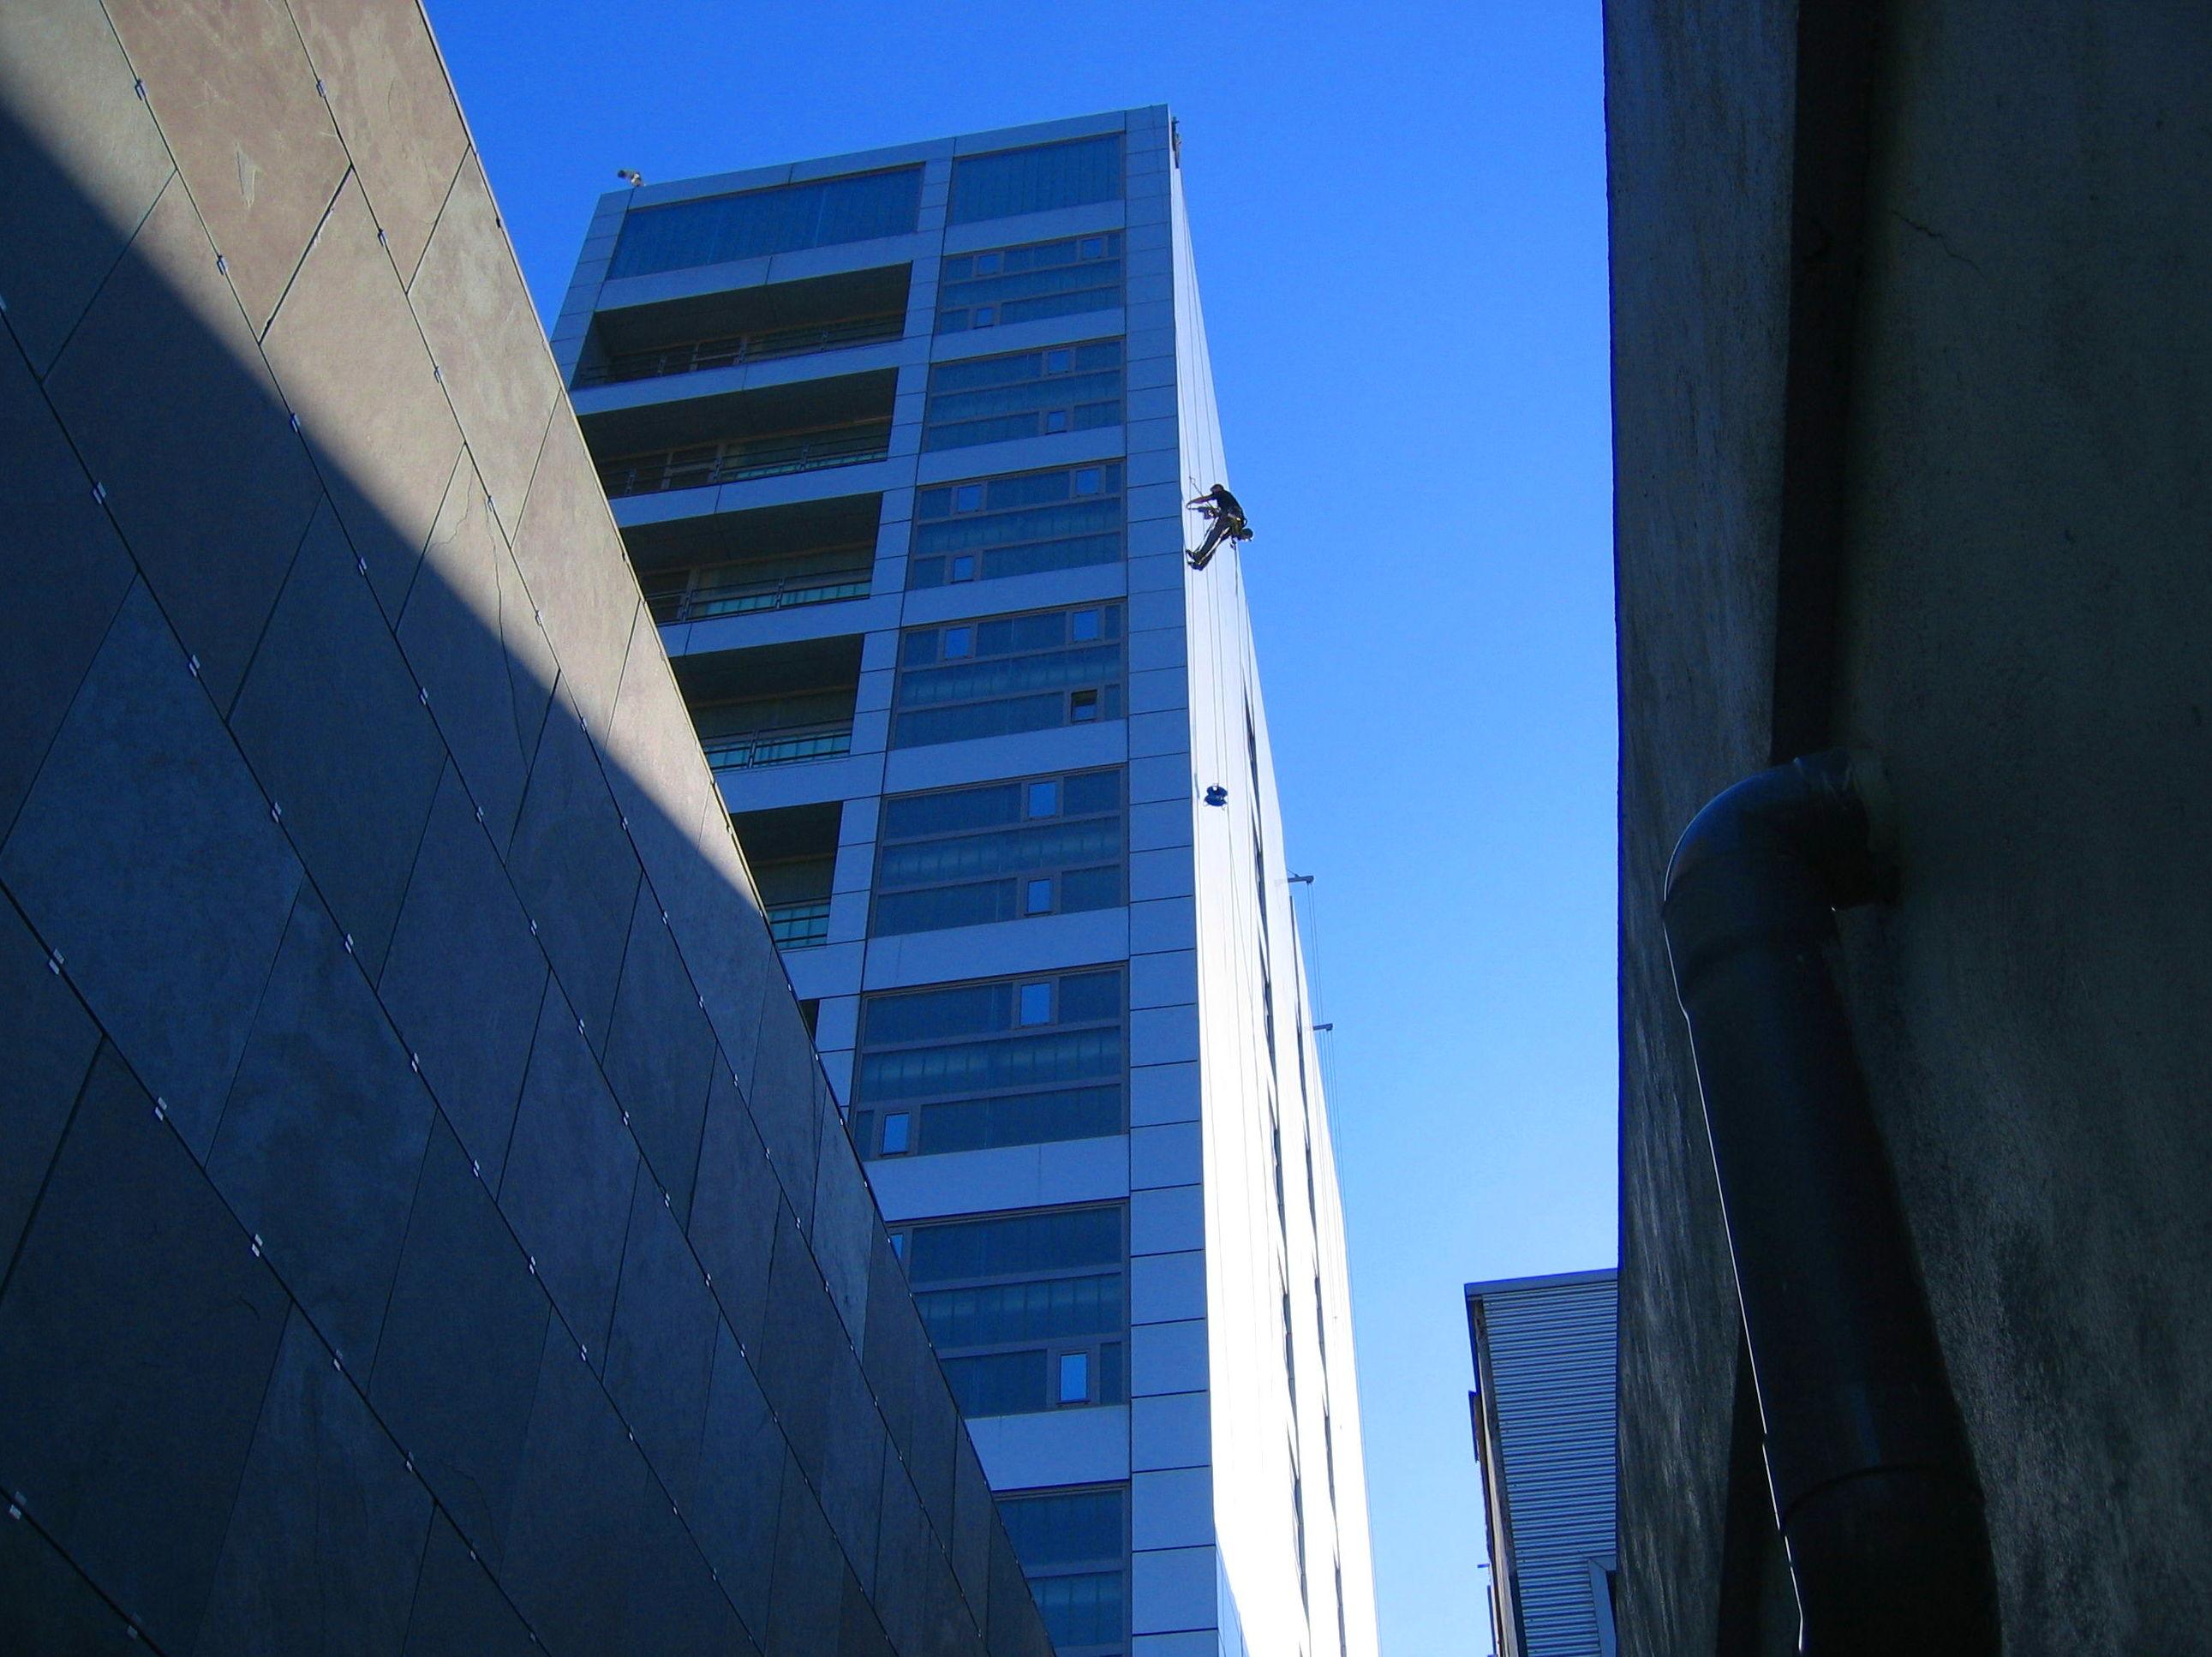 Trabajos de fijación de chapas de fachada ventilada edificio Valdecilla.